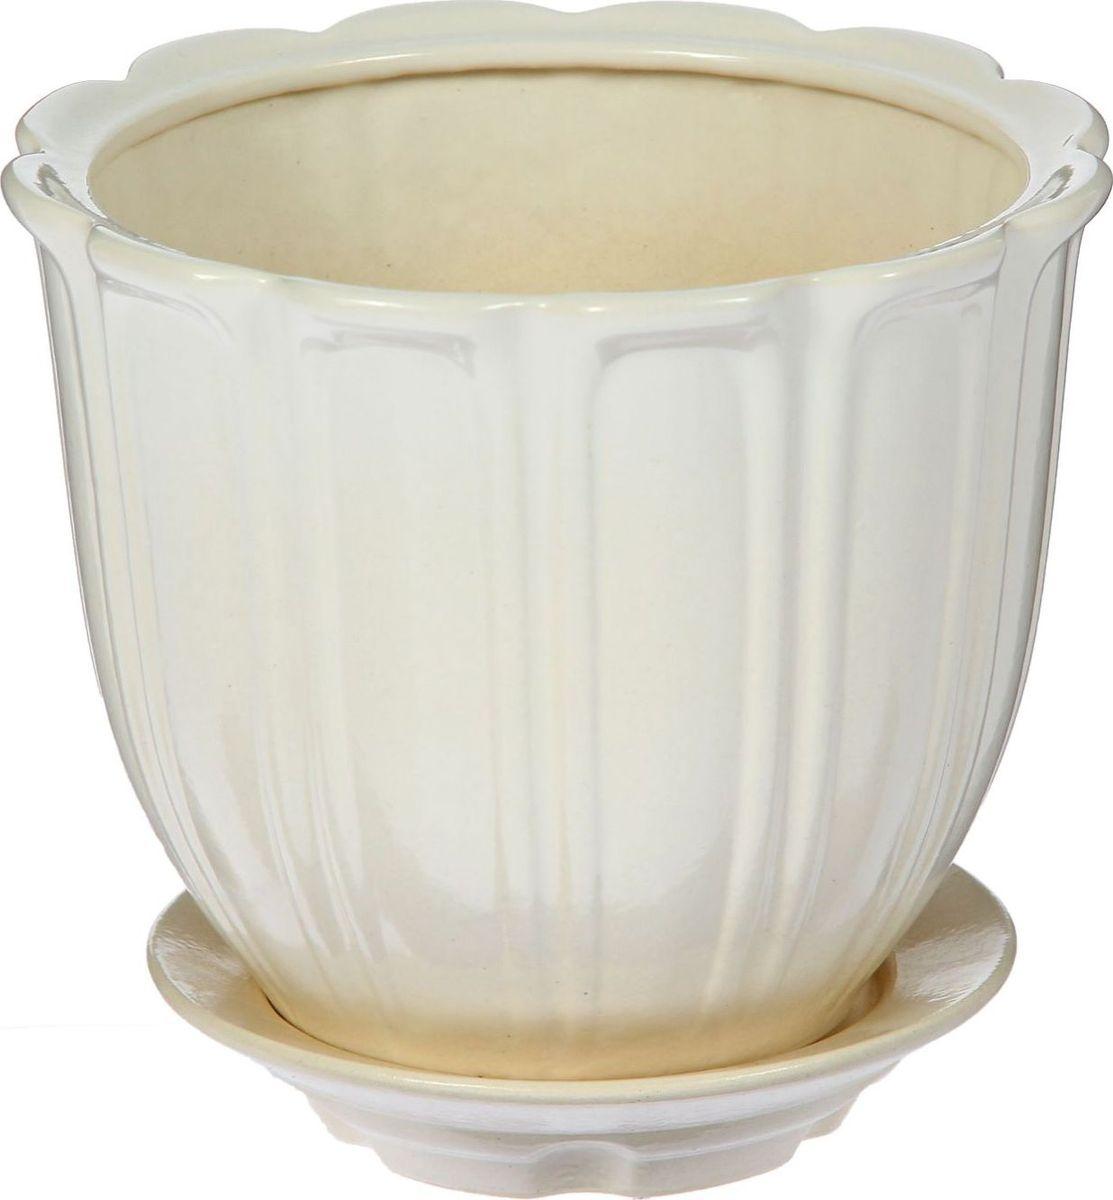 Кашпо Элита, цвет: белый, 2,6 л1431000Комнатные растения — всеобщие любимцы. Они радуют глаз, насыщают помещение кислородом и украшают пространство. Каждому из них необходим свой удобный и красивый дом. Кашпо из керамики прекрасно подходят для высадки растений: за счёт пластичности глины и разных способов обработки существует великое множество форм и дизайновпористый материал позволяет испаряться лишней влагевоздух, необходимый для дыхания корней, проникает сквозь керамические стенки! #name# позаботится о зелёном питомце, освежит интерьер и подчеркнёт его стиль.